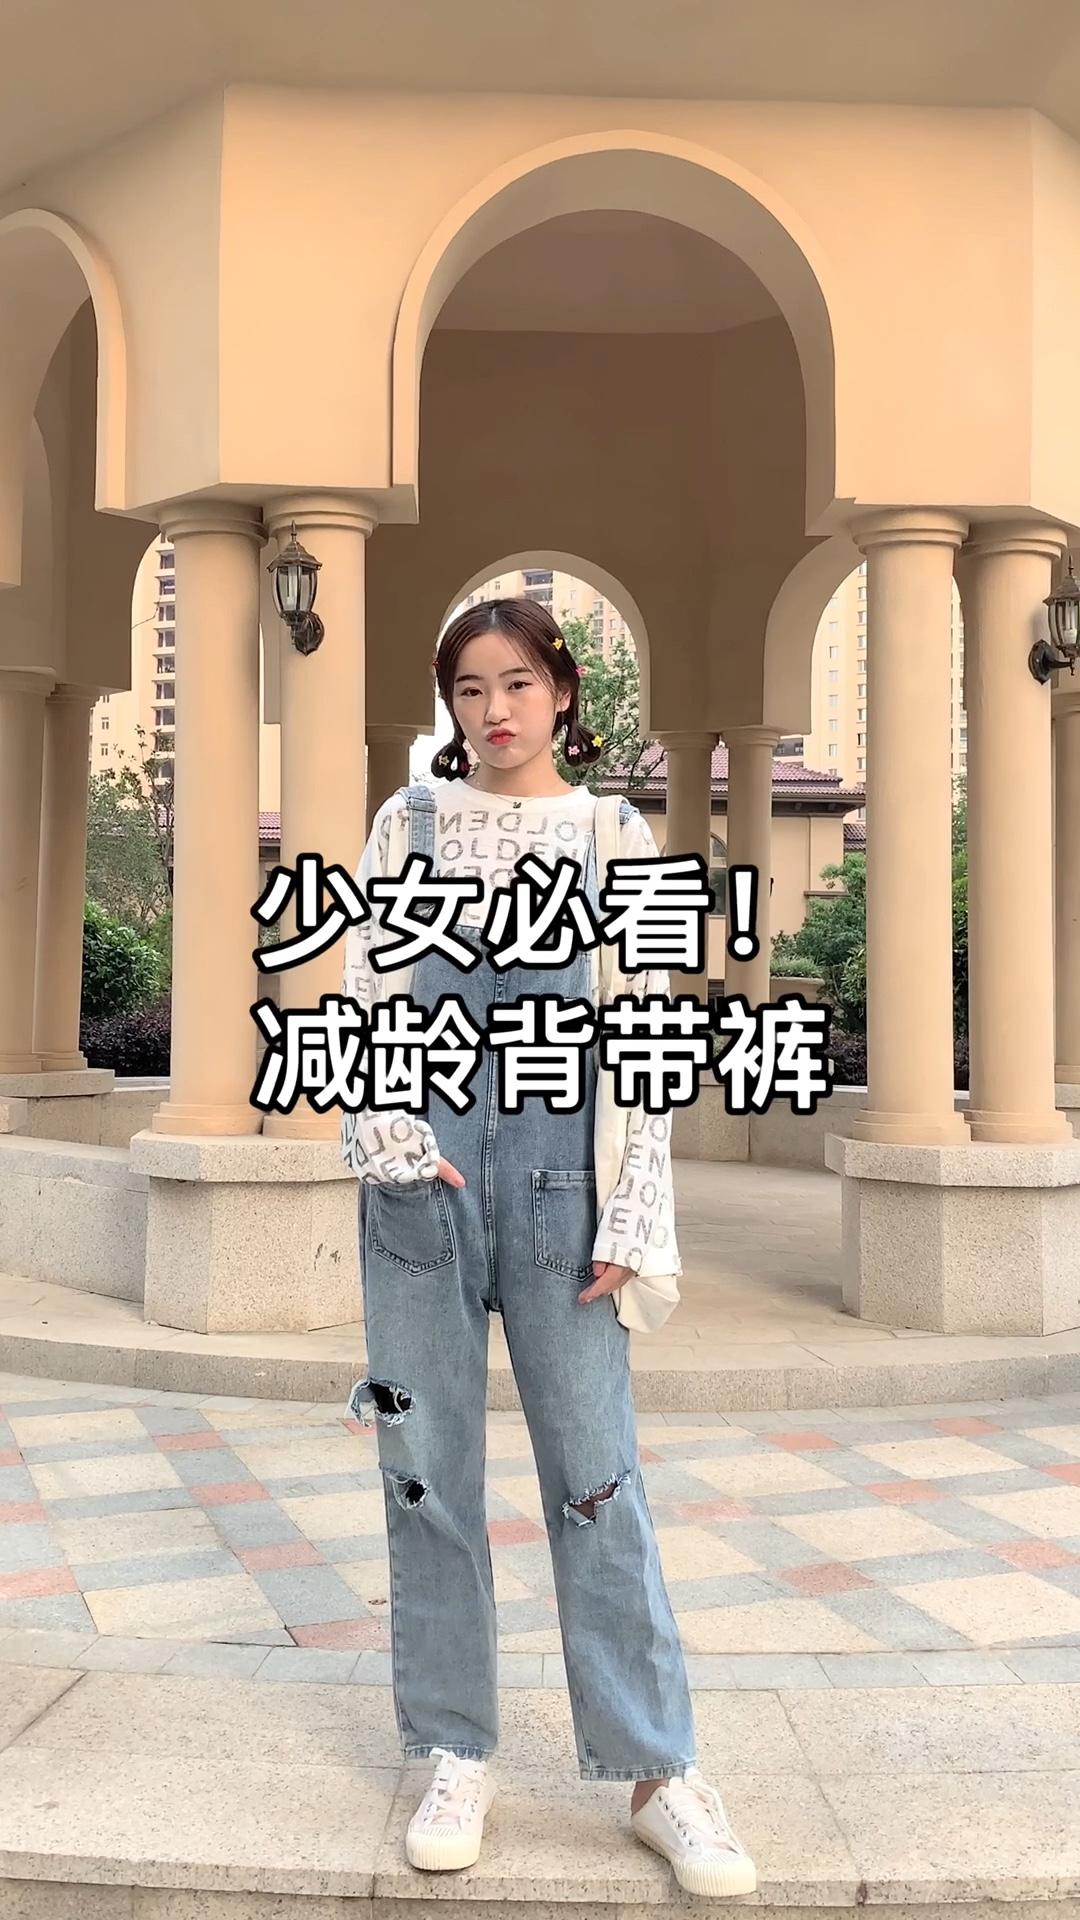 这款背带裤穿上就感觉十分减龄的那种 加上水洗的蓝色 呈现出很可爱清爽的感觉 版型是比较宽松哒!  遮住赘肉  还可以调整腿型  还不会显PP大哦  前后都有两个口袋作为装饰  凹造型也可以装点小东西 配个T就可以出门啦! #100斤微胖女生,如何穿成80斤?#